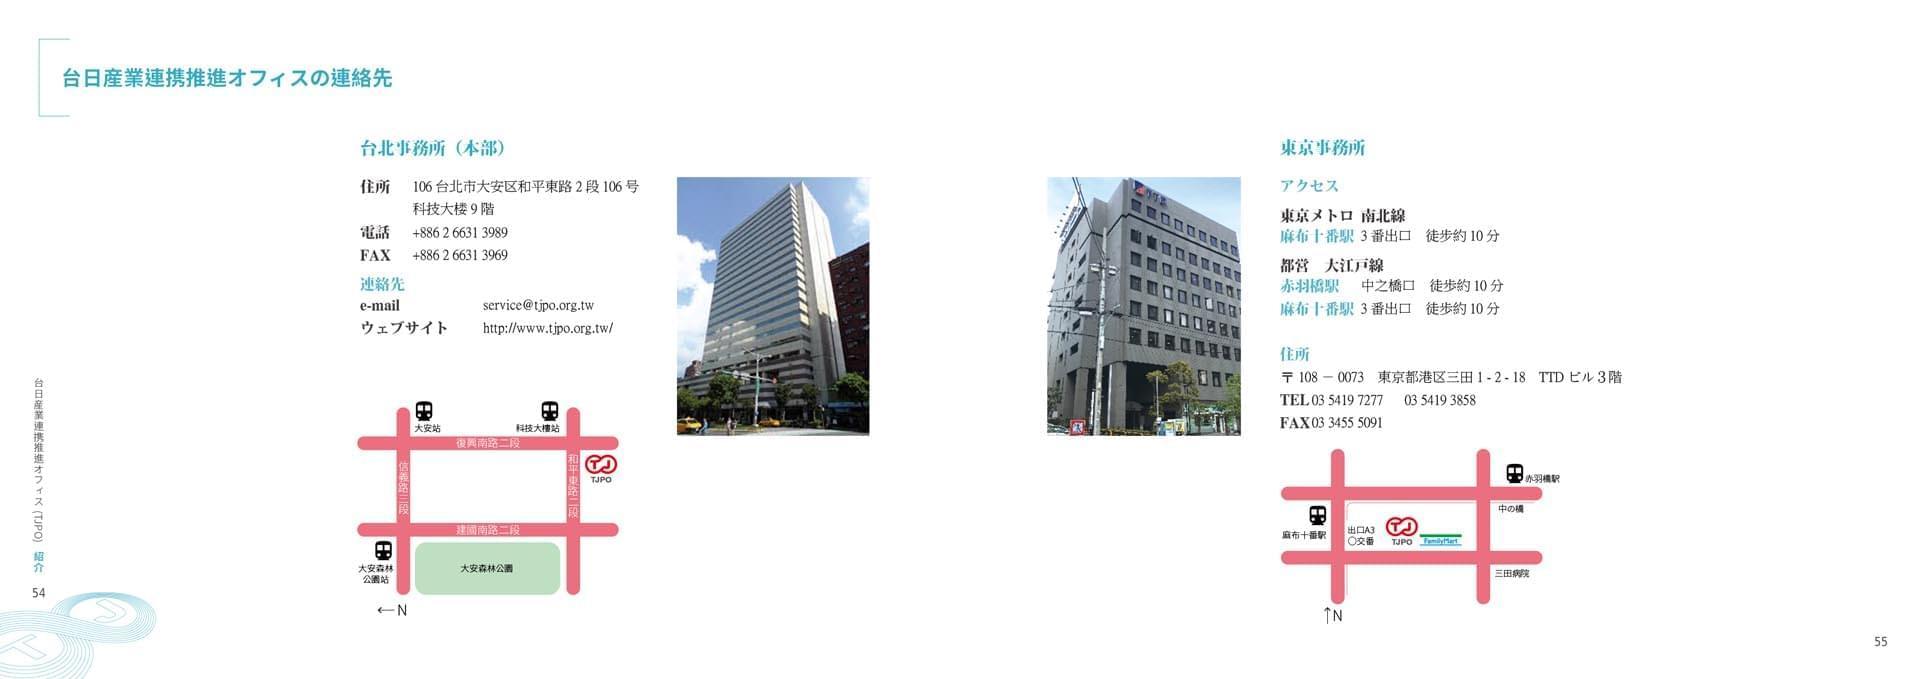 台日型錄-日文版60頁-第二次修改070230